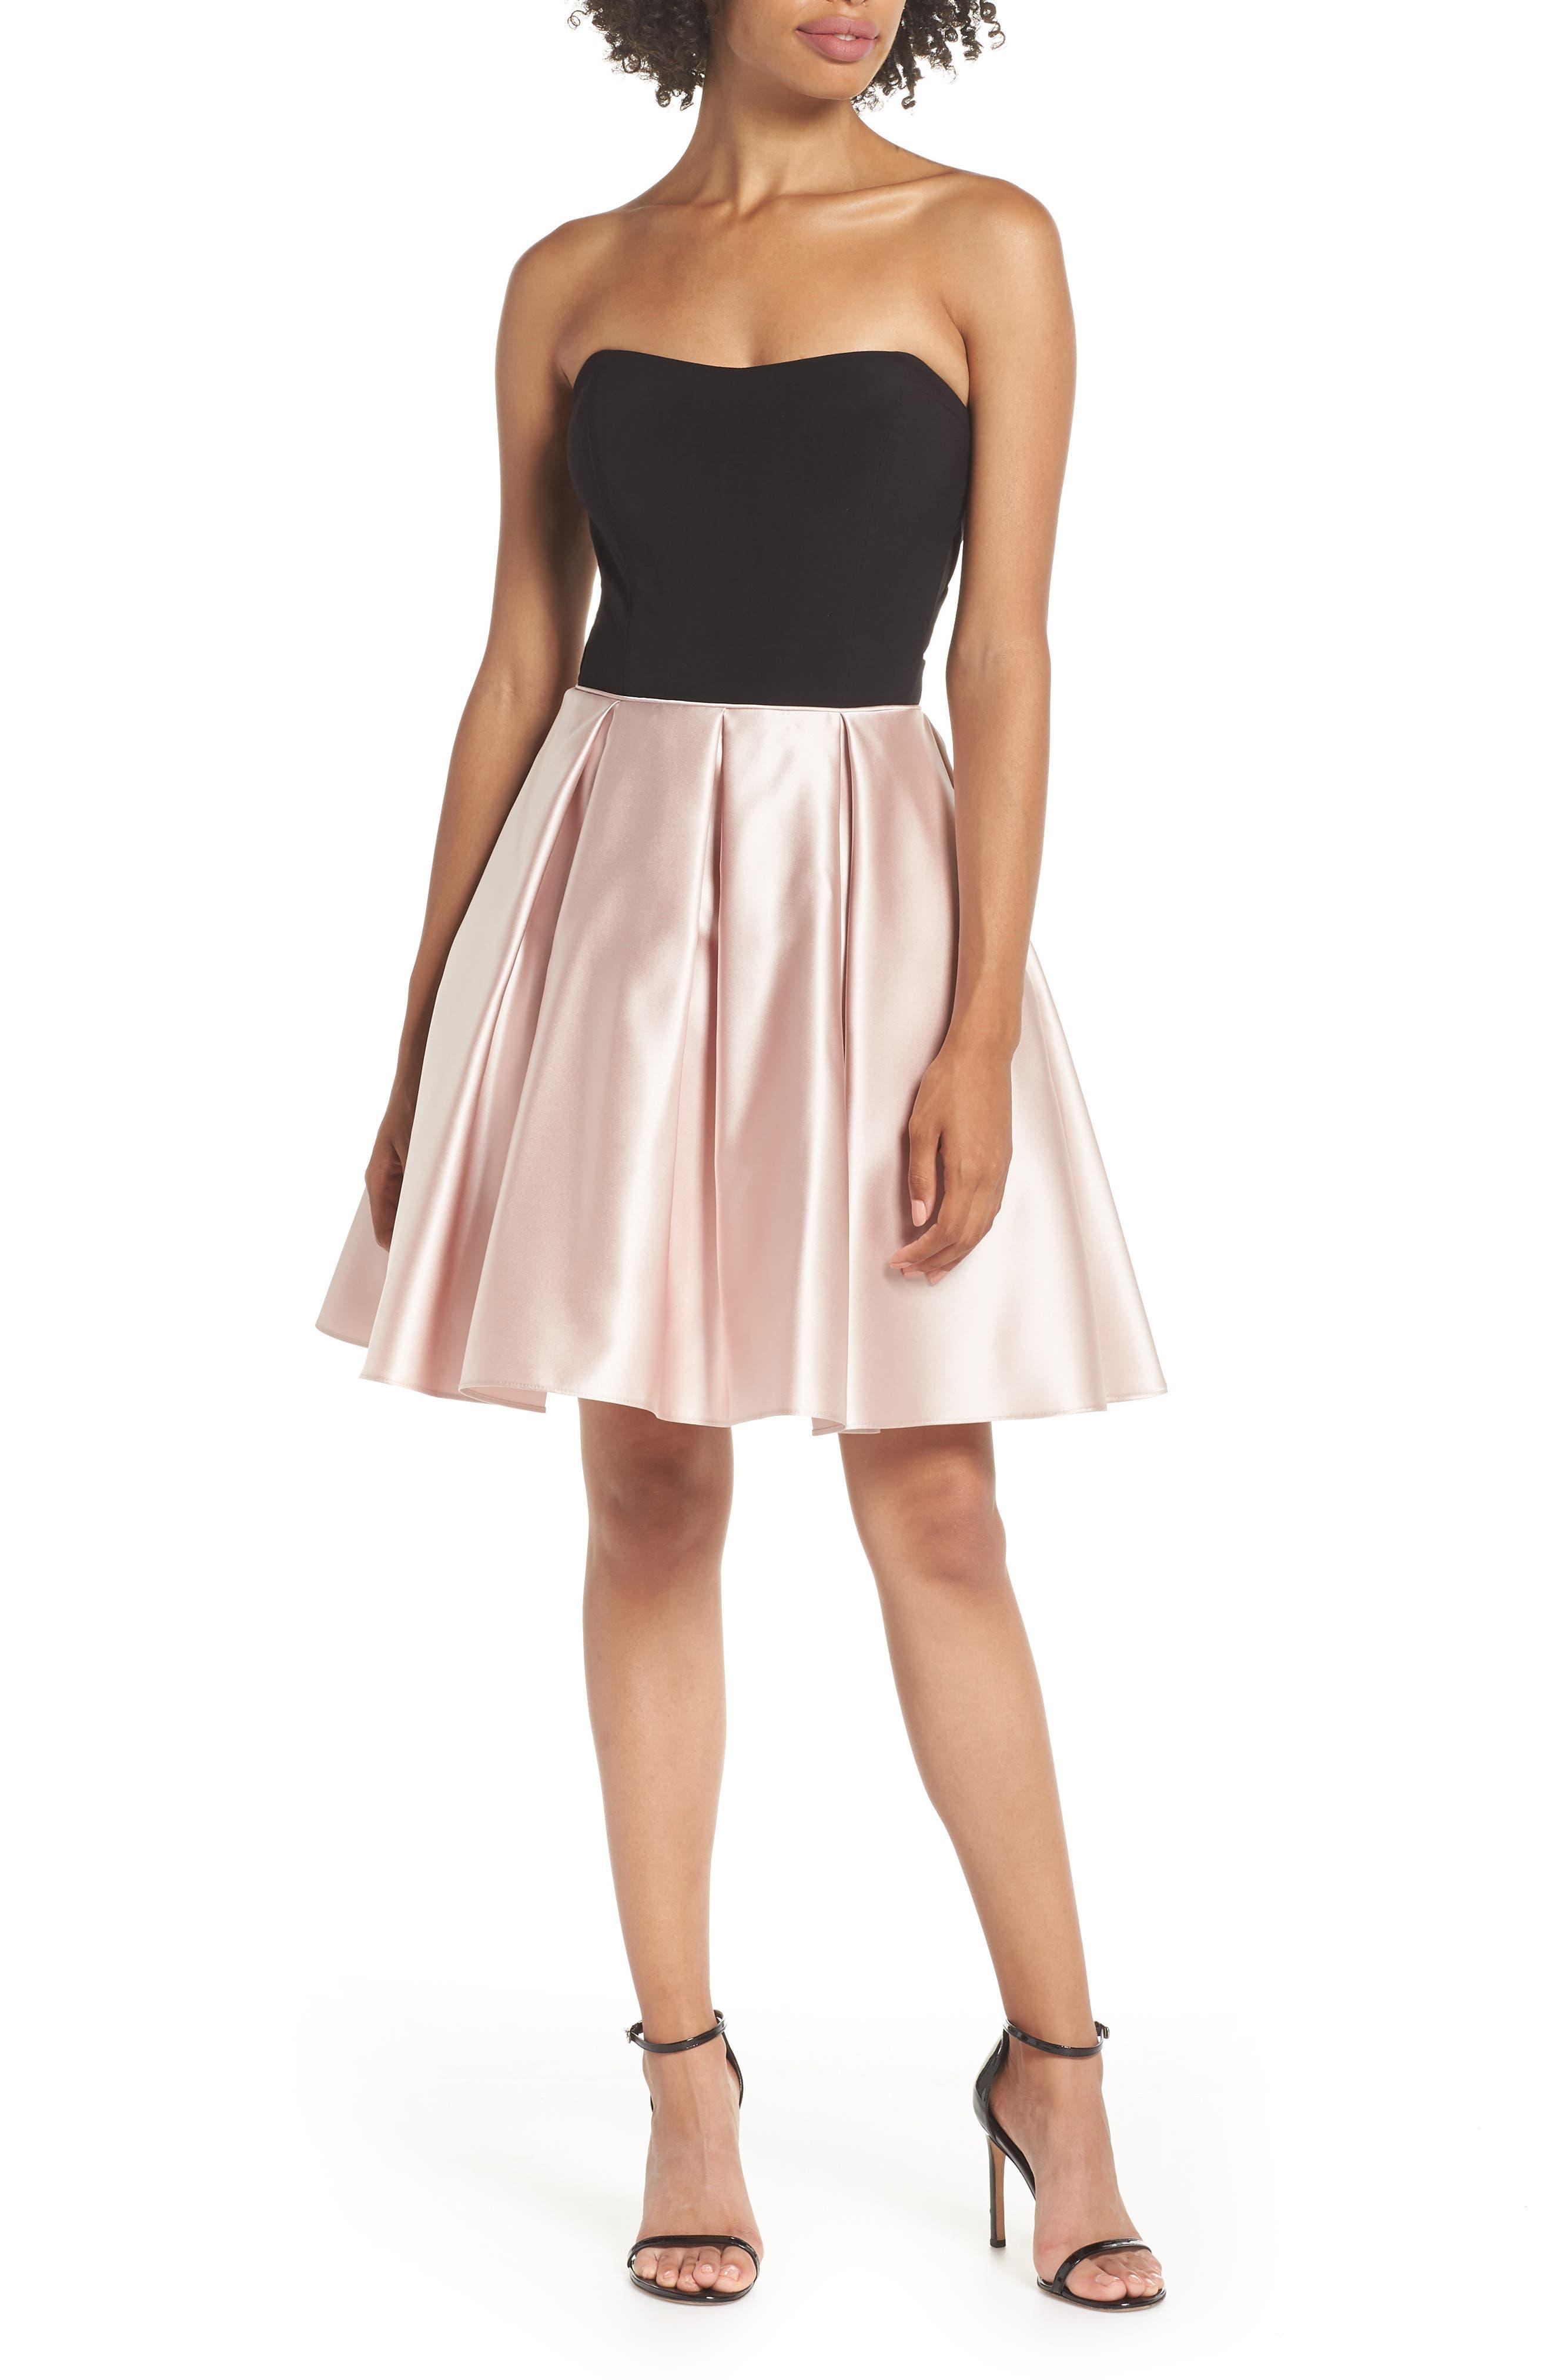 Blondie Nites Strapless Satin Skirt Fit & Flare Dress, Beige